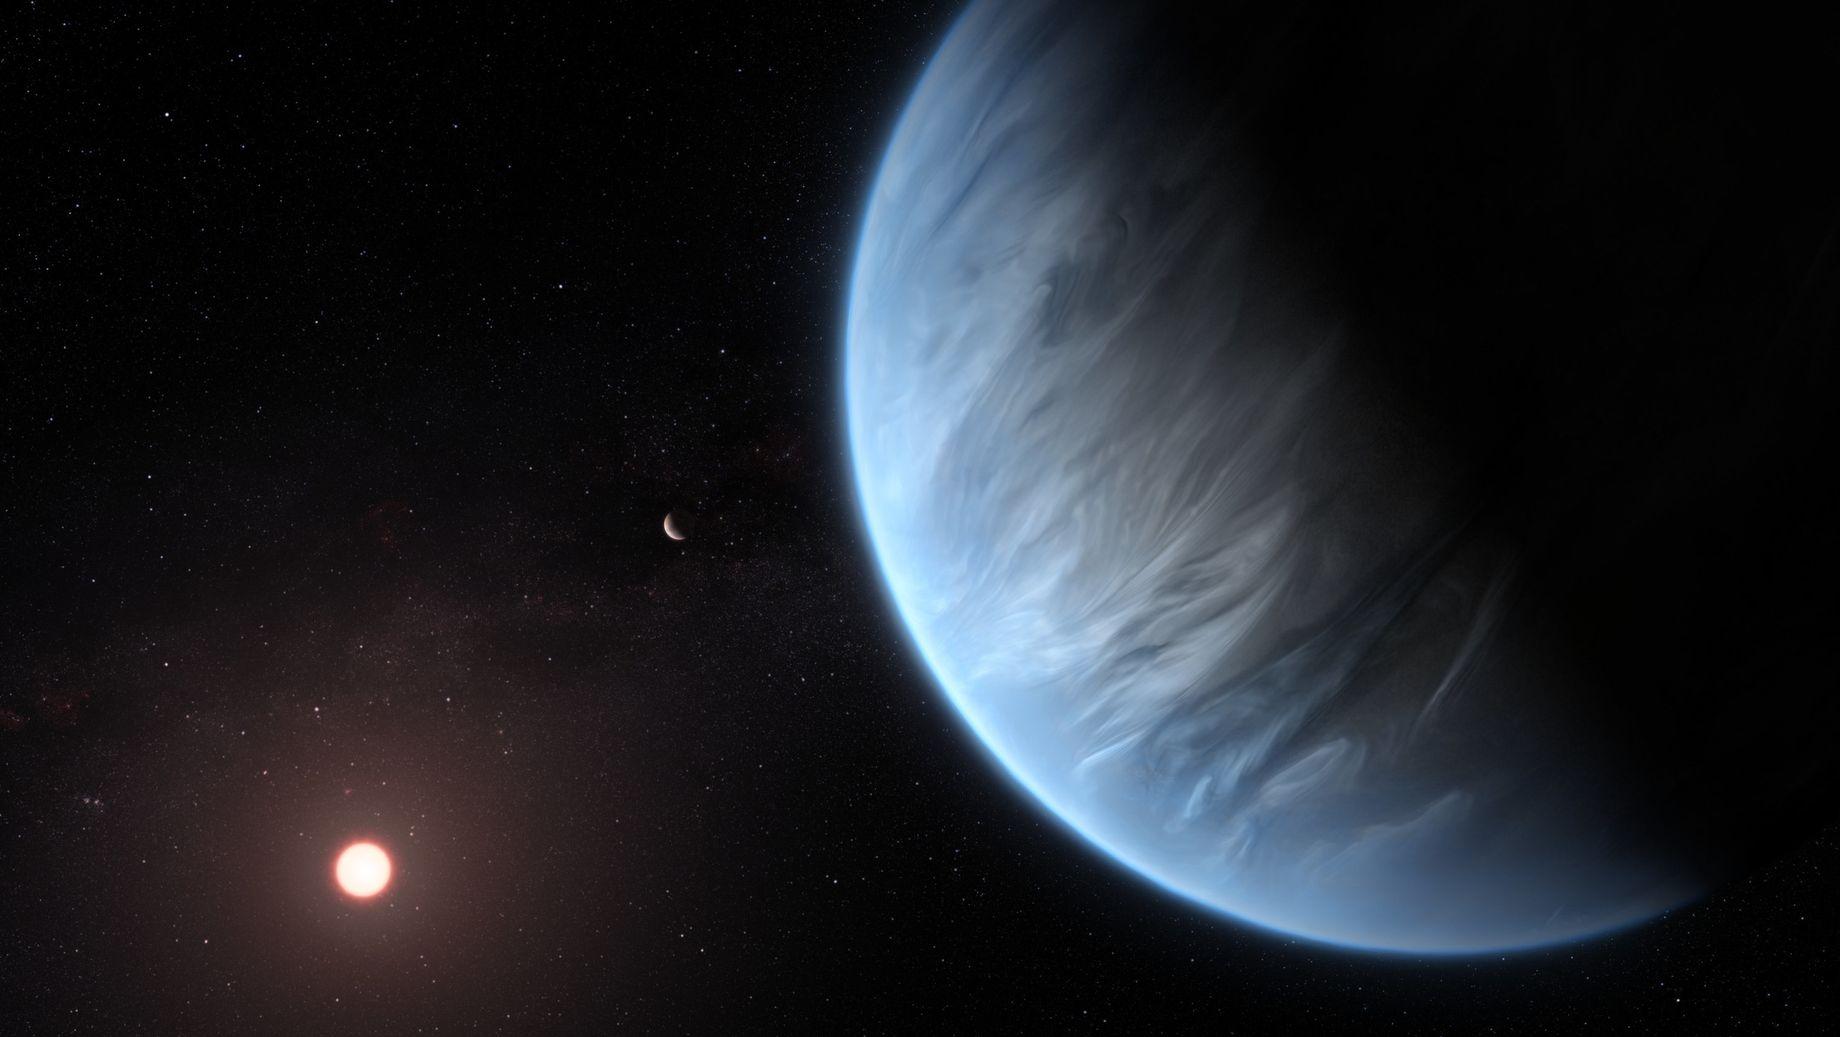 Die vom University College London Centre for Space Exochemistry Data Research zur Verfügung gestellte Darstellung eines Künstlers zeigt den Exoplanet K2-18b (r) und seinen Gaststern (l) und einen begleitenden Planeten in diesem System.